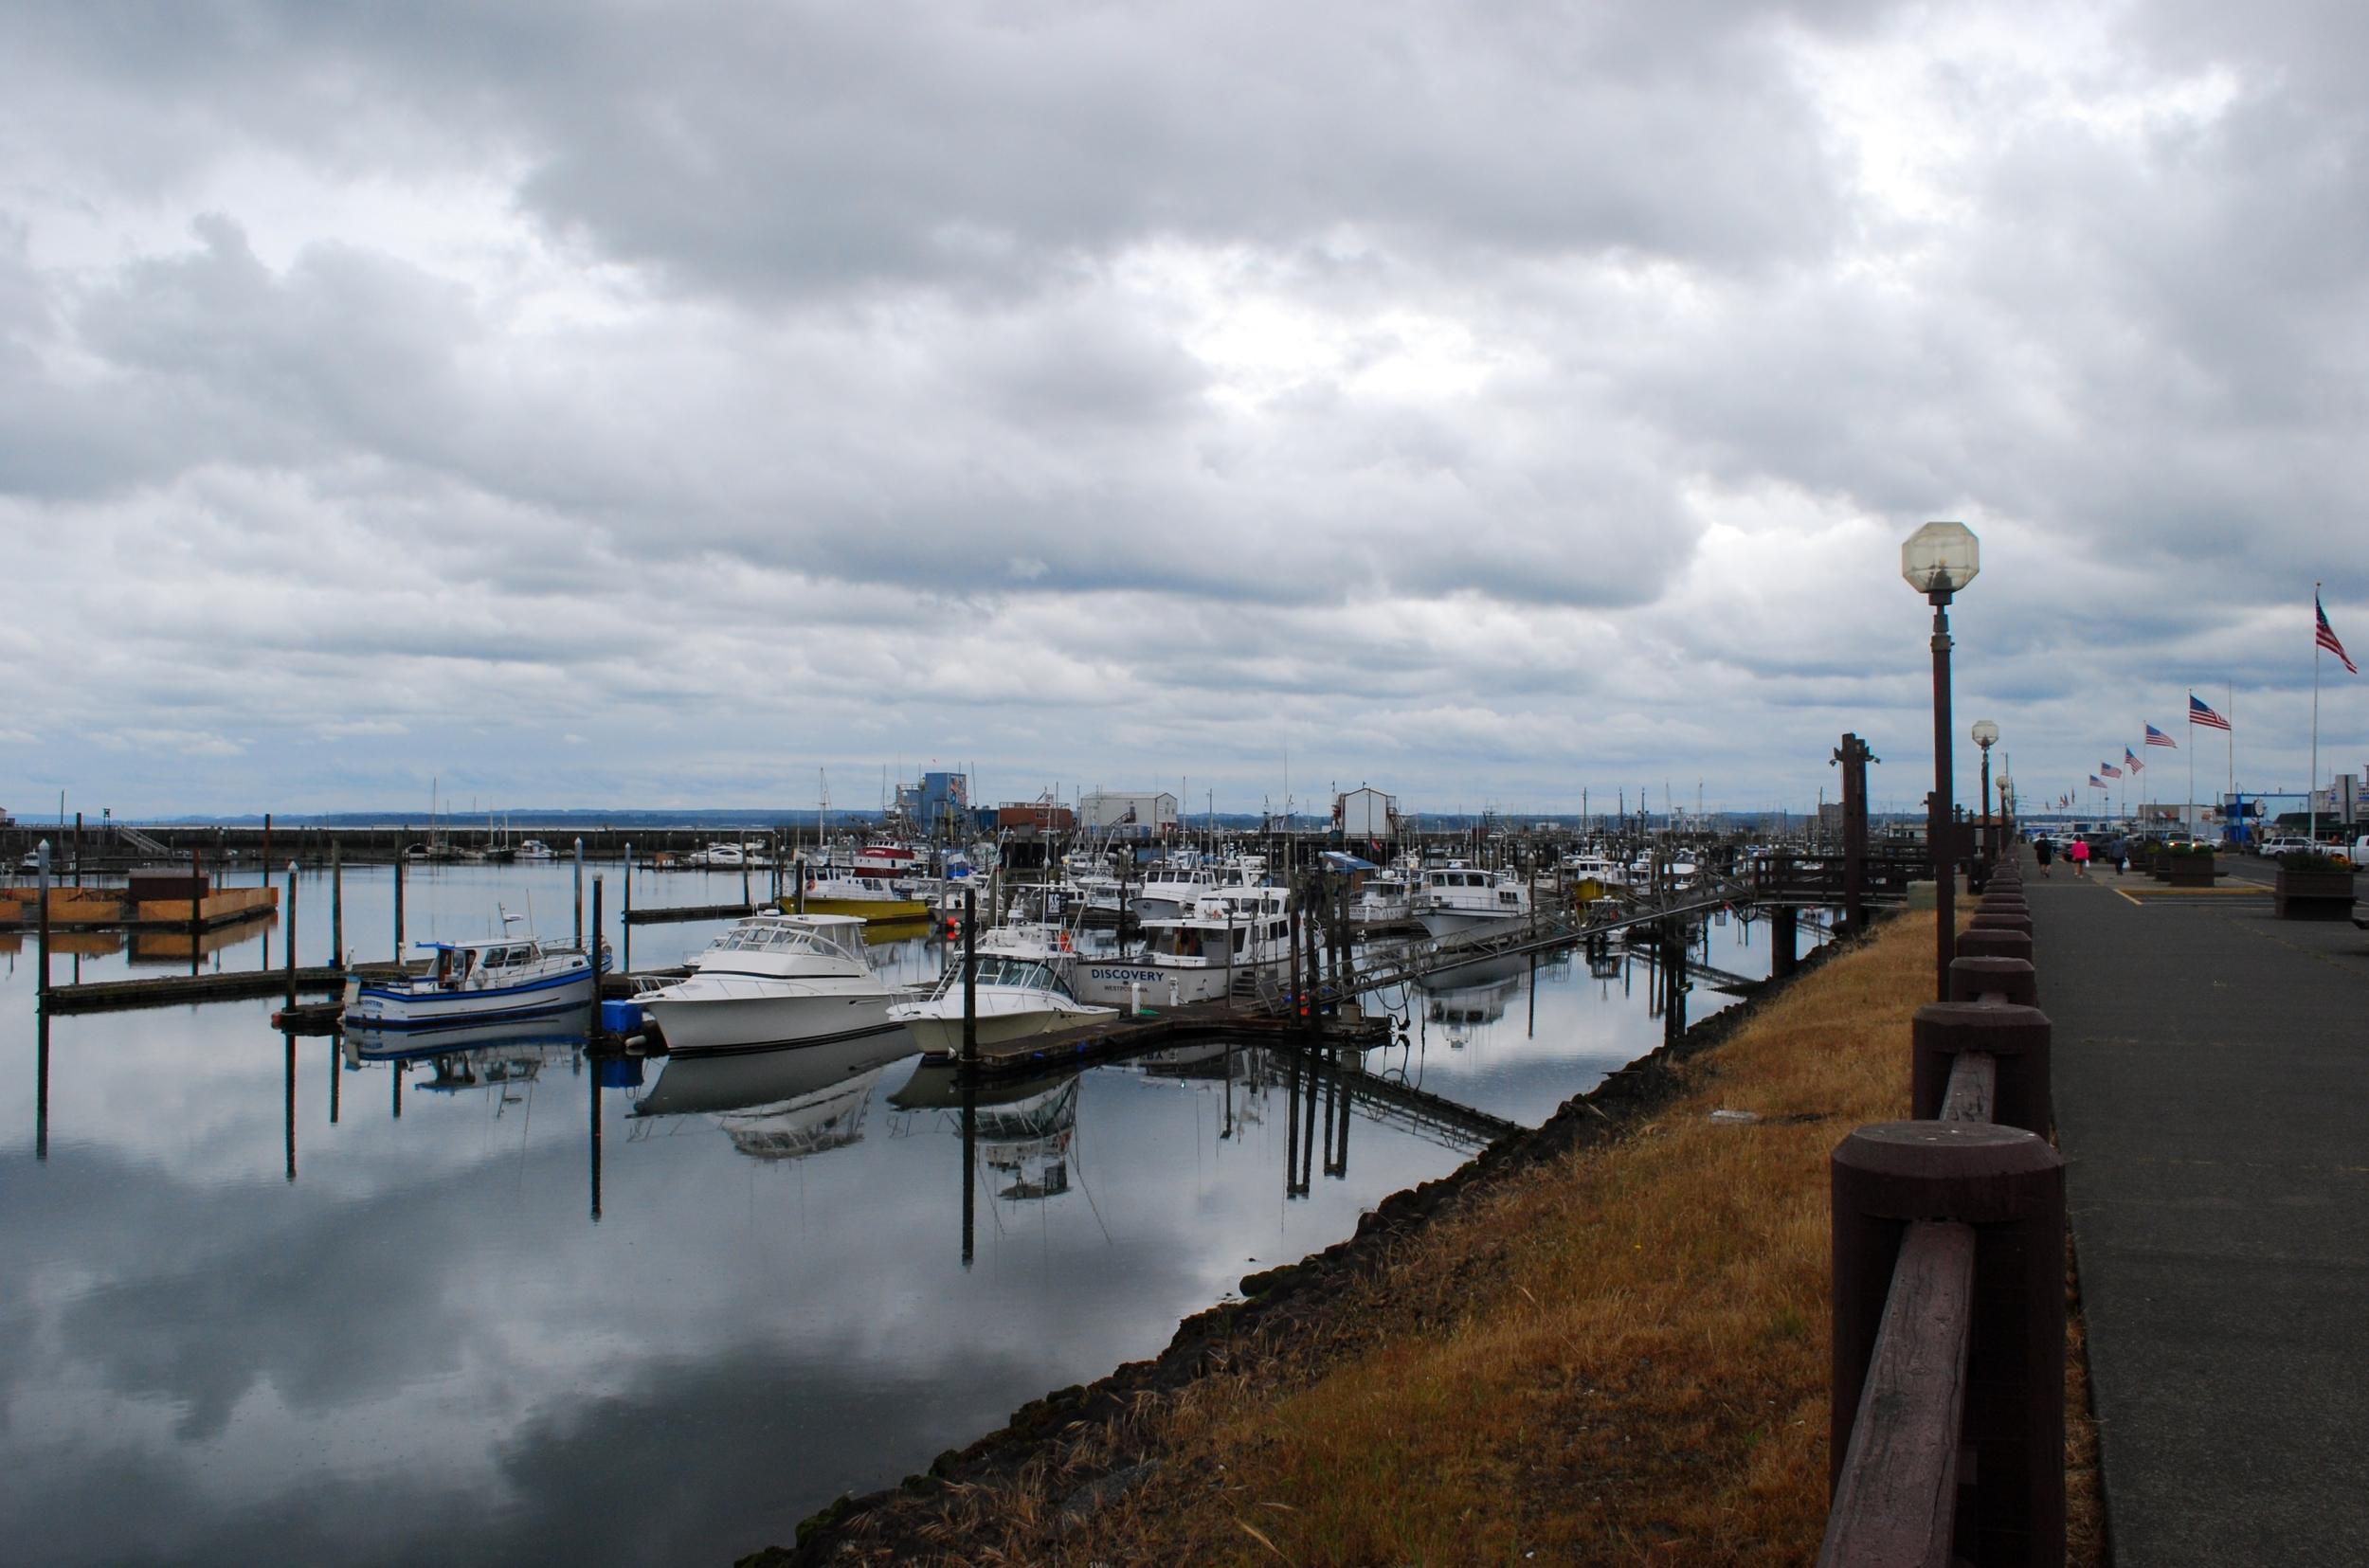 Marina - Westport, WA